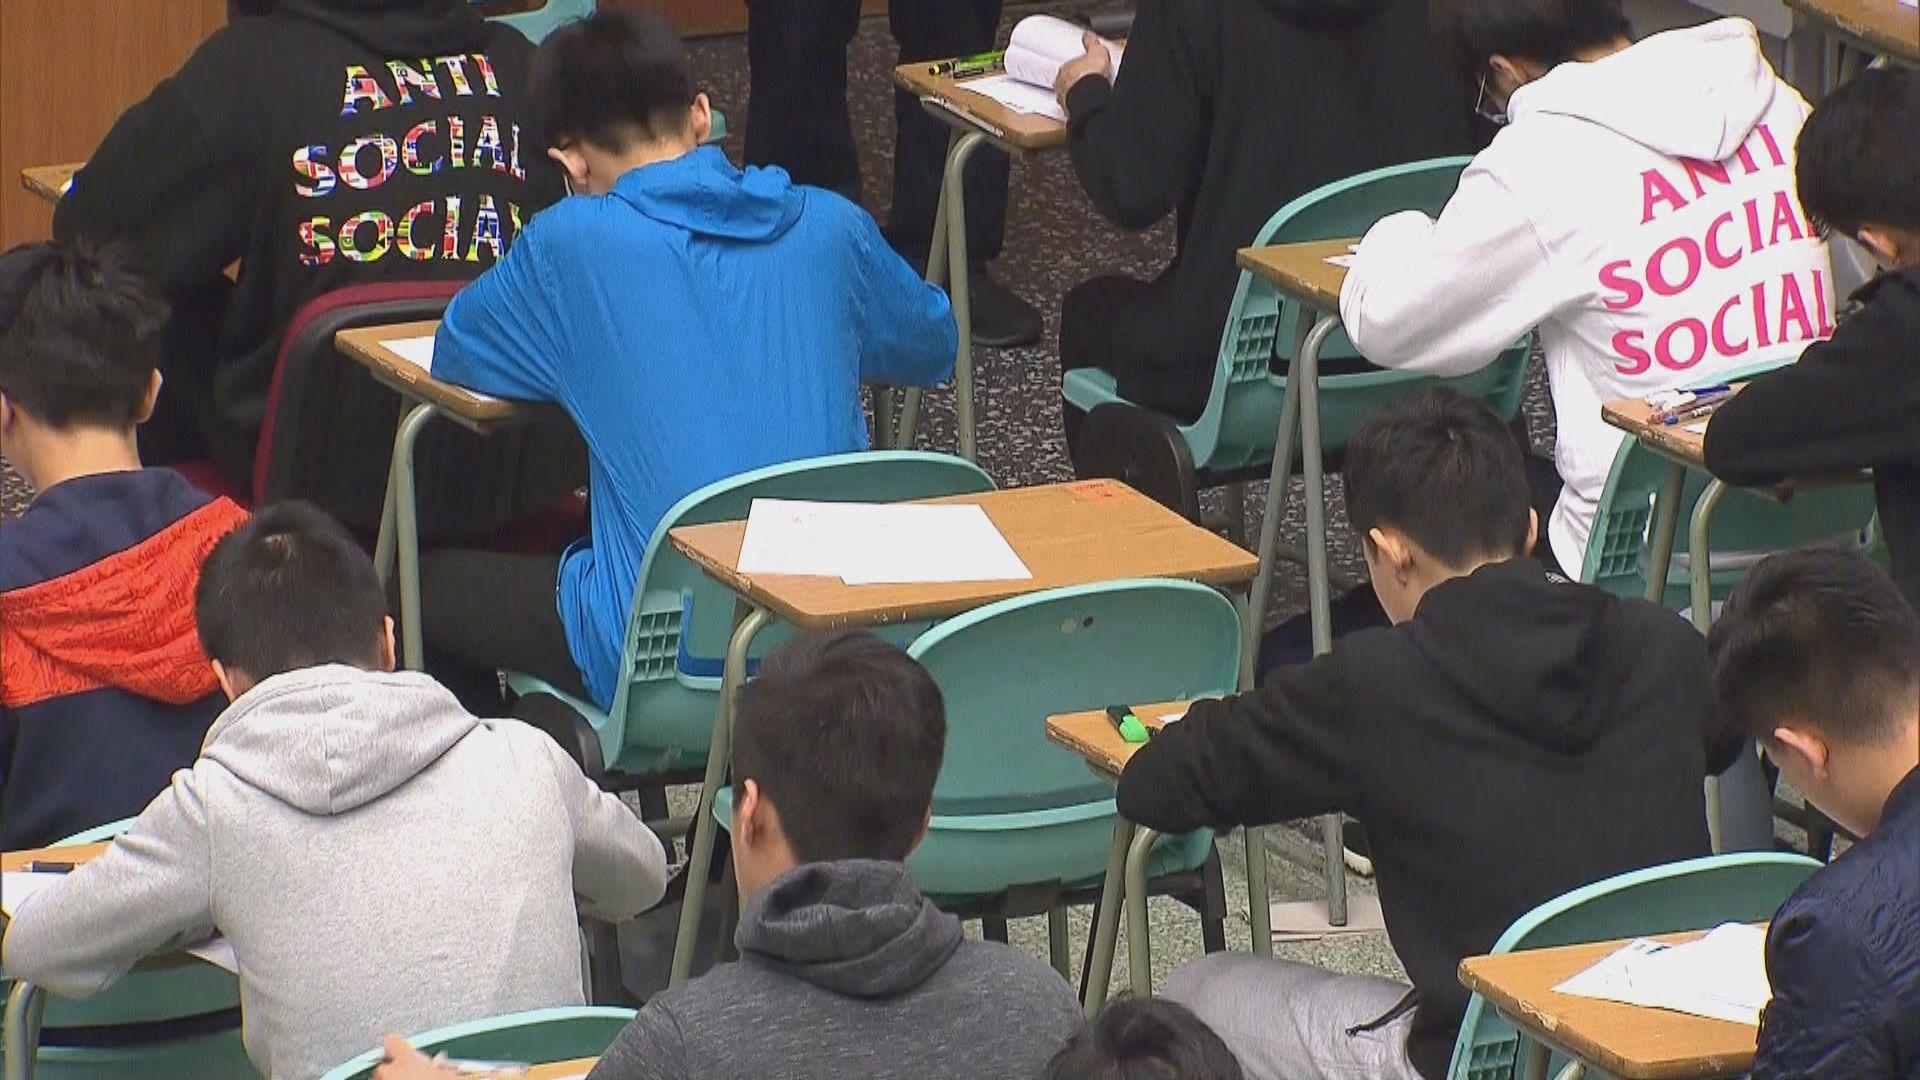 中學校長會:文憑試是否要趕在月尾舉行社會應再討論